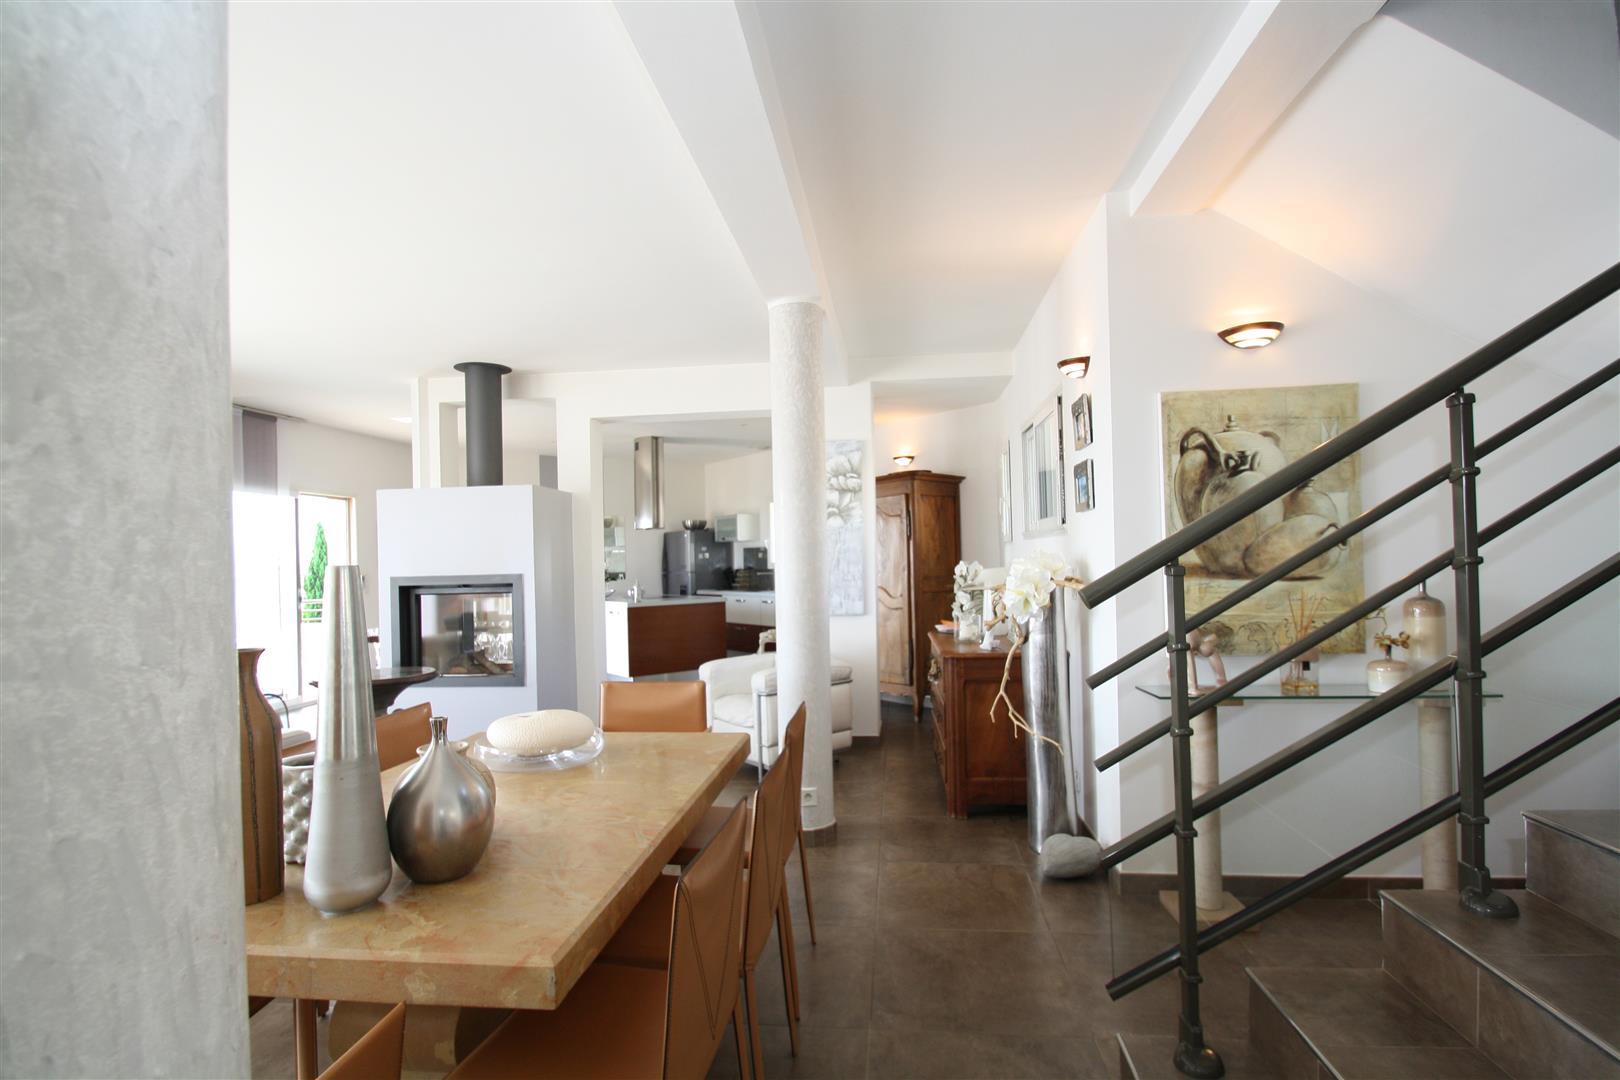 Escalier Dans Un Salon salon escalier – copie (large) - agence immobilière bastia